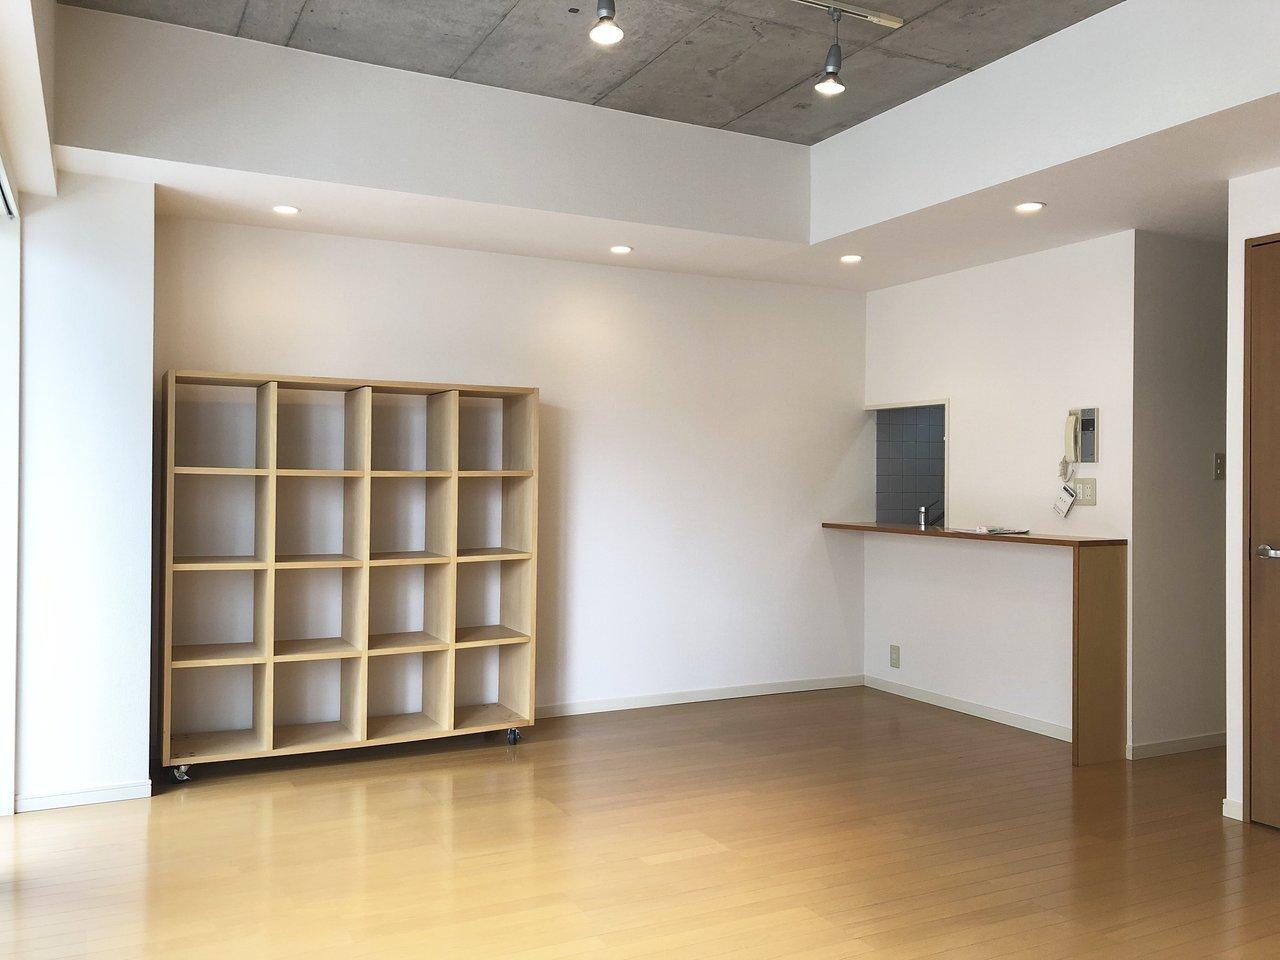 可動式の棚は、壁につけて使ったり、仕切りとして使ったり。雑貨や本、畳んだ洋服などを入れても良さそうですね。